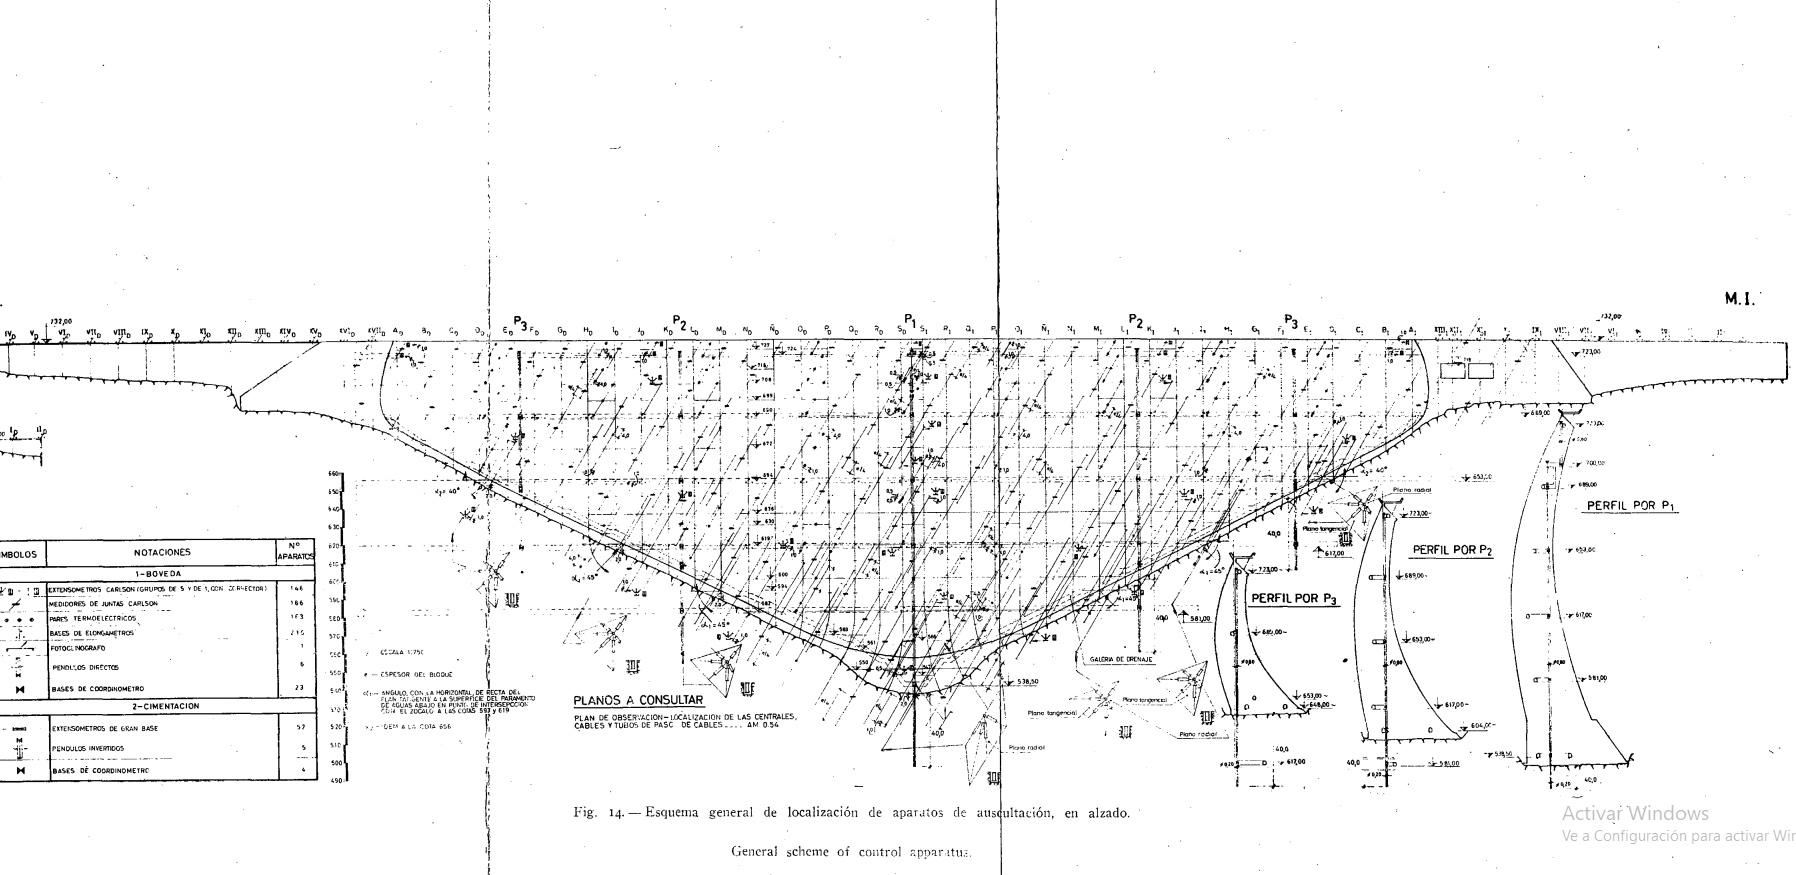 Presa de Almendra. Plano Revista de Obra Pública 1967.